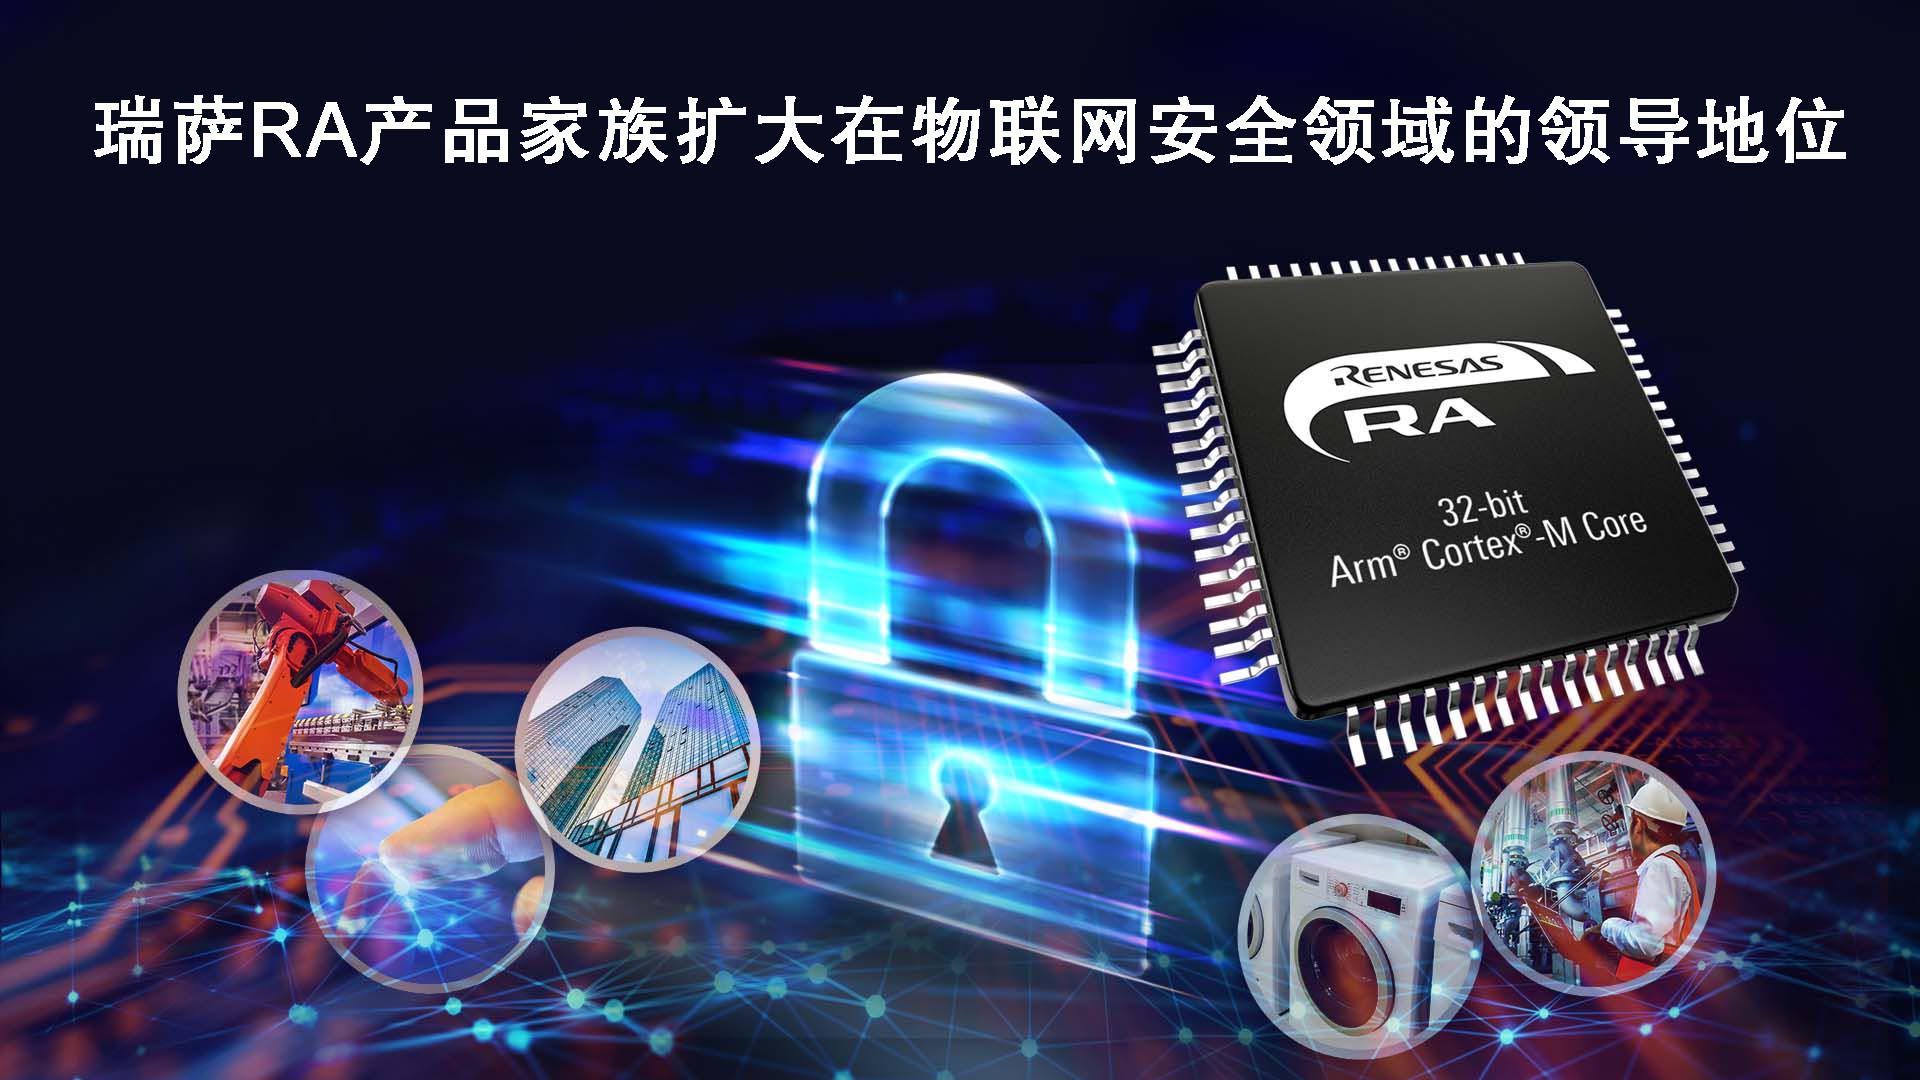 瑞萨RA产品家族通过PSA 2级和SESIP认证  进一步扩大在物联网安全领域的领导地位